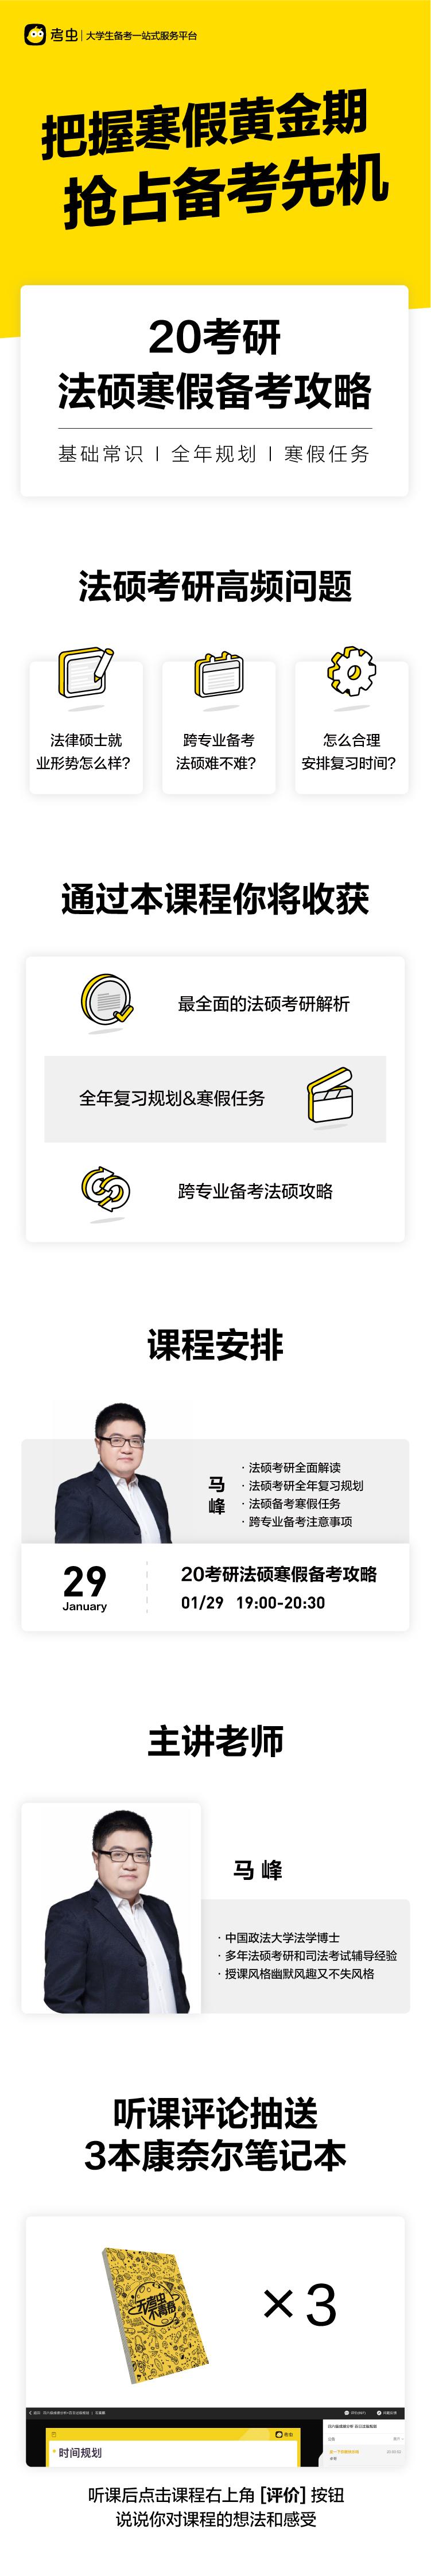 20考研法硕备考攻略详情页.jpg